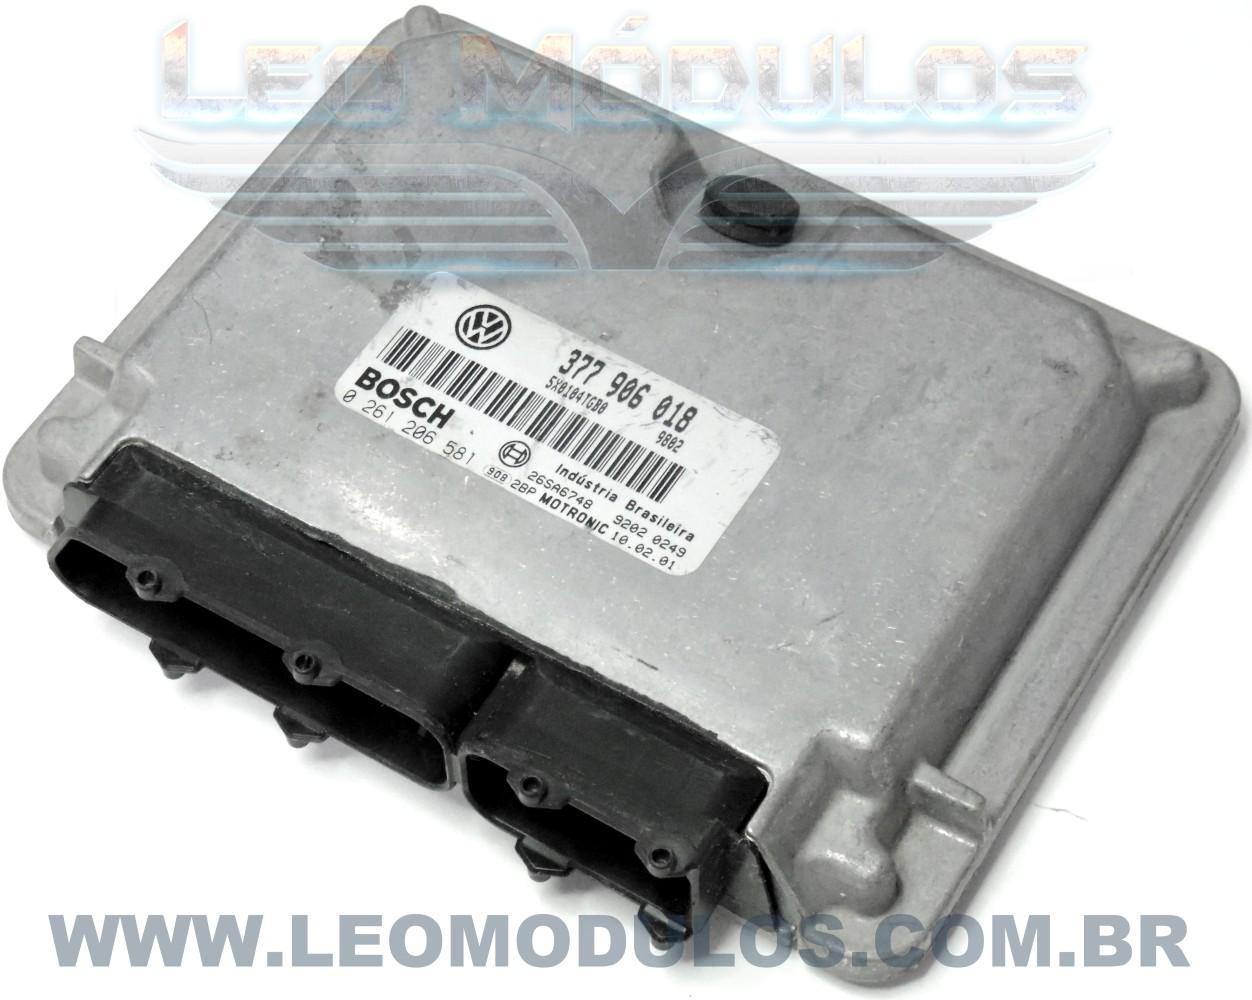 Módulo de injeção bosch M3.8.3- 0261206581 377906018 - Gol 1.0 16V Turbo - 0 261 206 581 - Leo Módulos